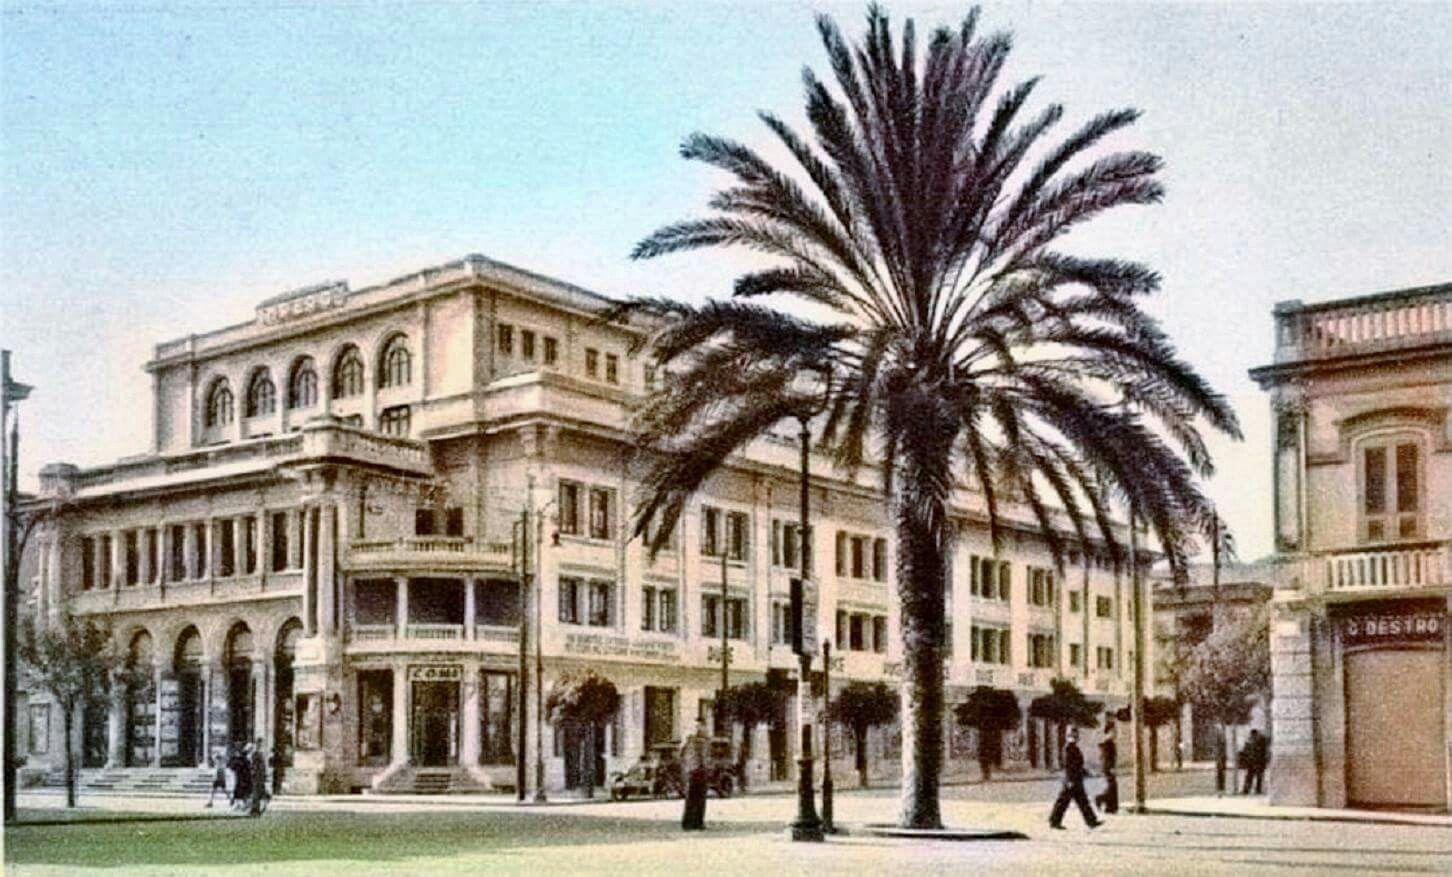 Il Cine-Teatro Impero, Alias Peloro, affacciato all'incrocio tra la Via Tommaso Cannizzaro e Via dei Mille a Messina in una immagine di fine anni '30